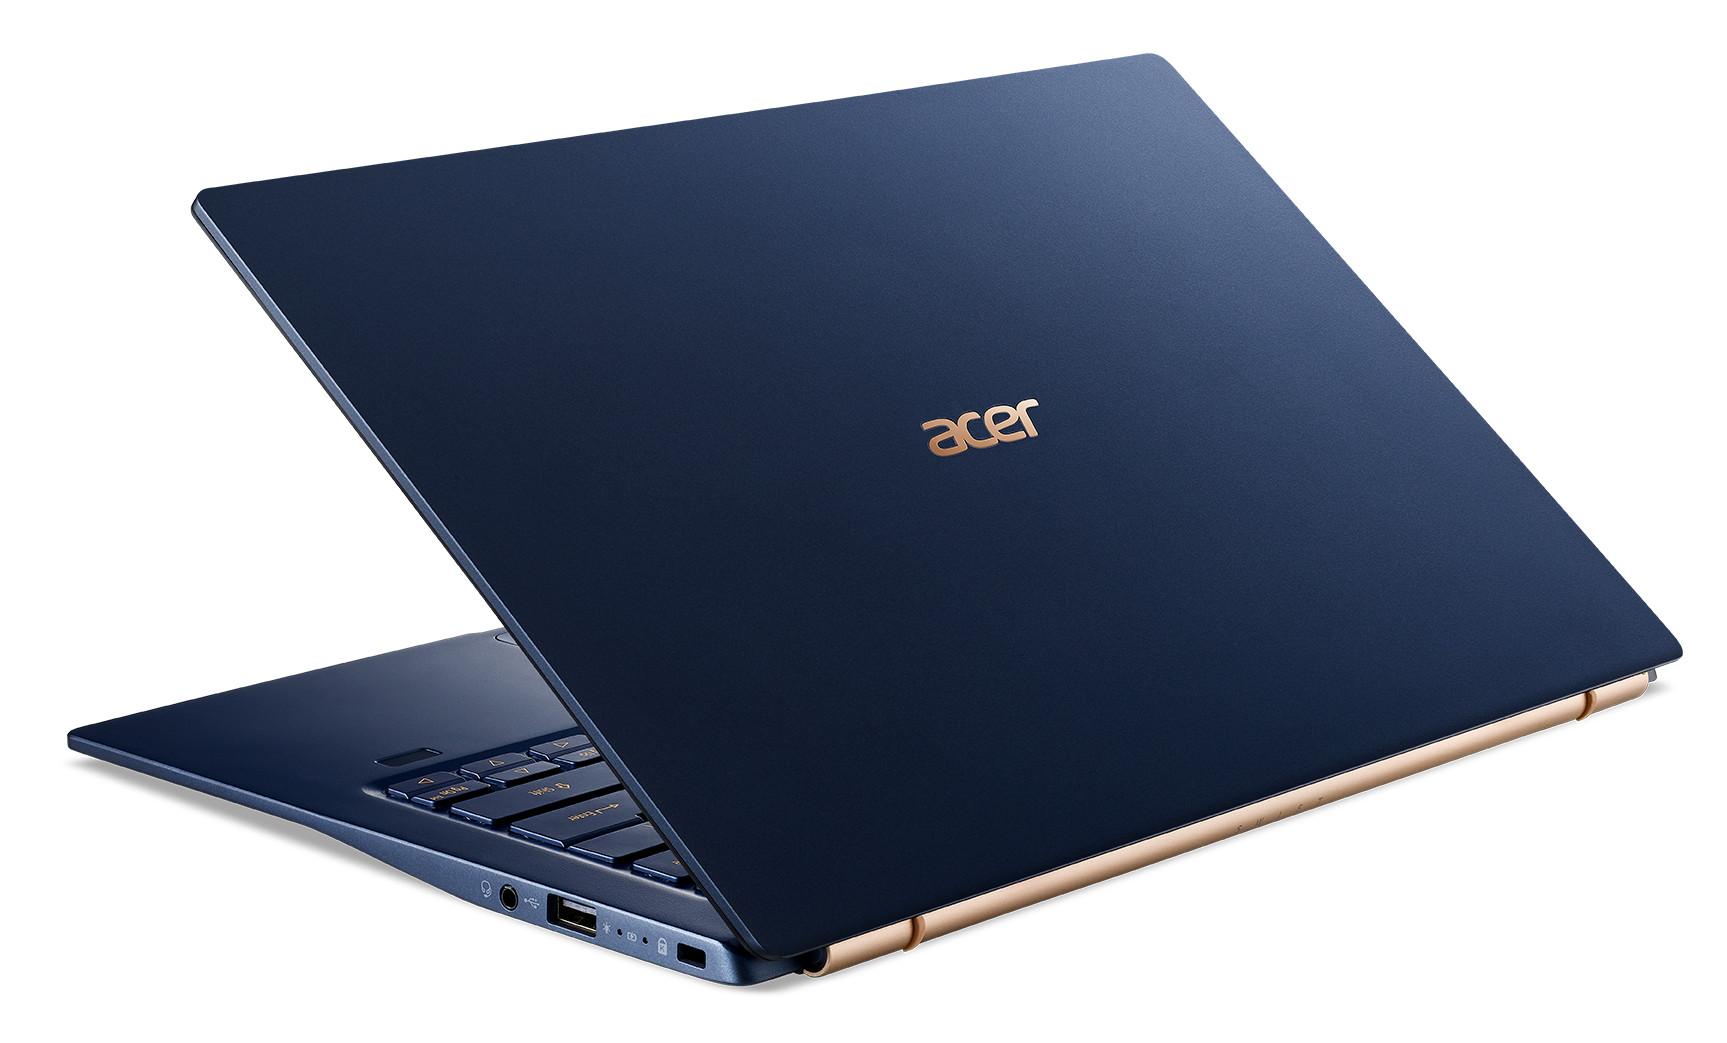 Acer Swift 5 Pro SF514-54T-76QU